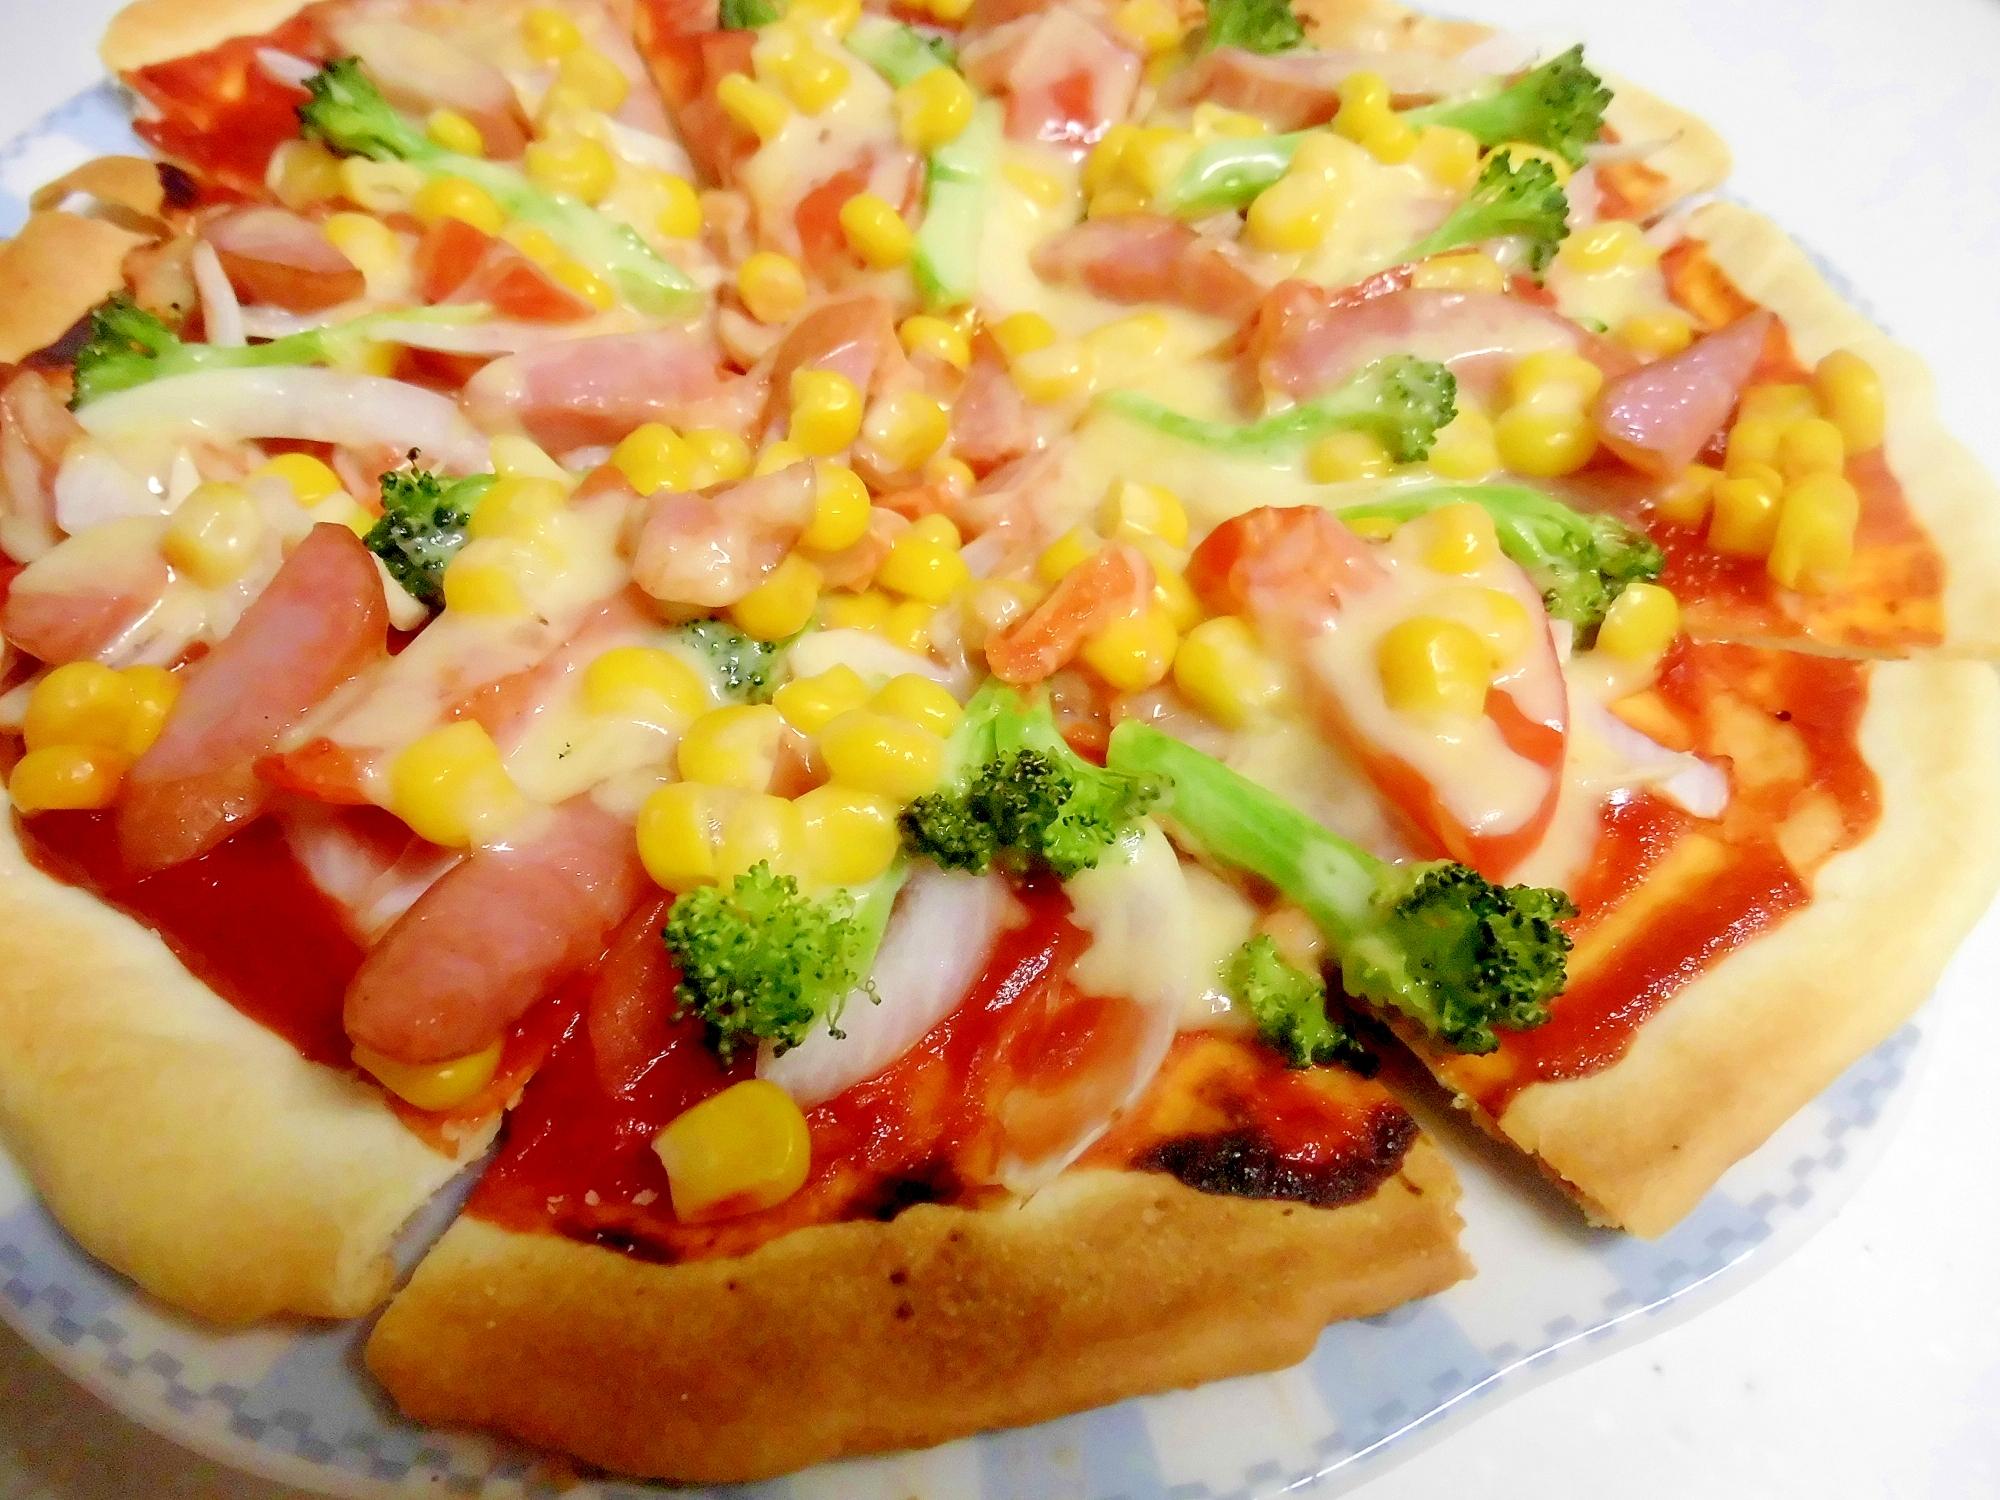 ピリ辛だけど美味しい♪コーンたっぷりピザ